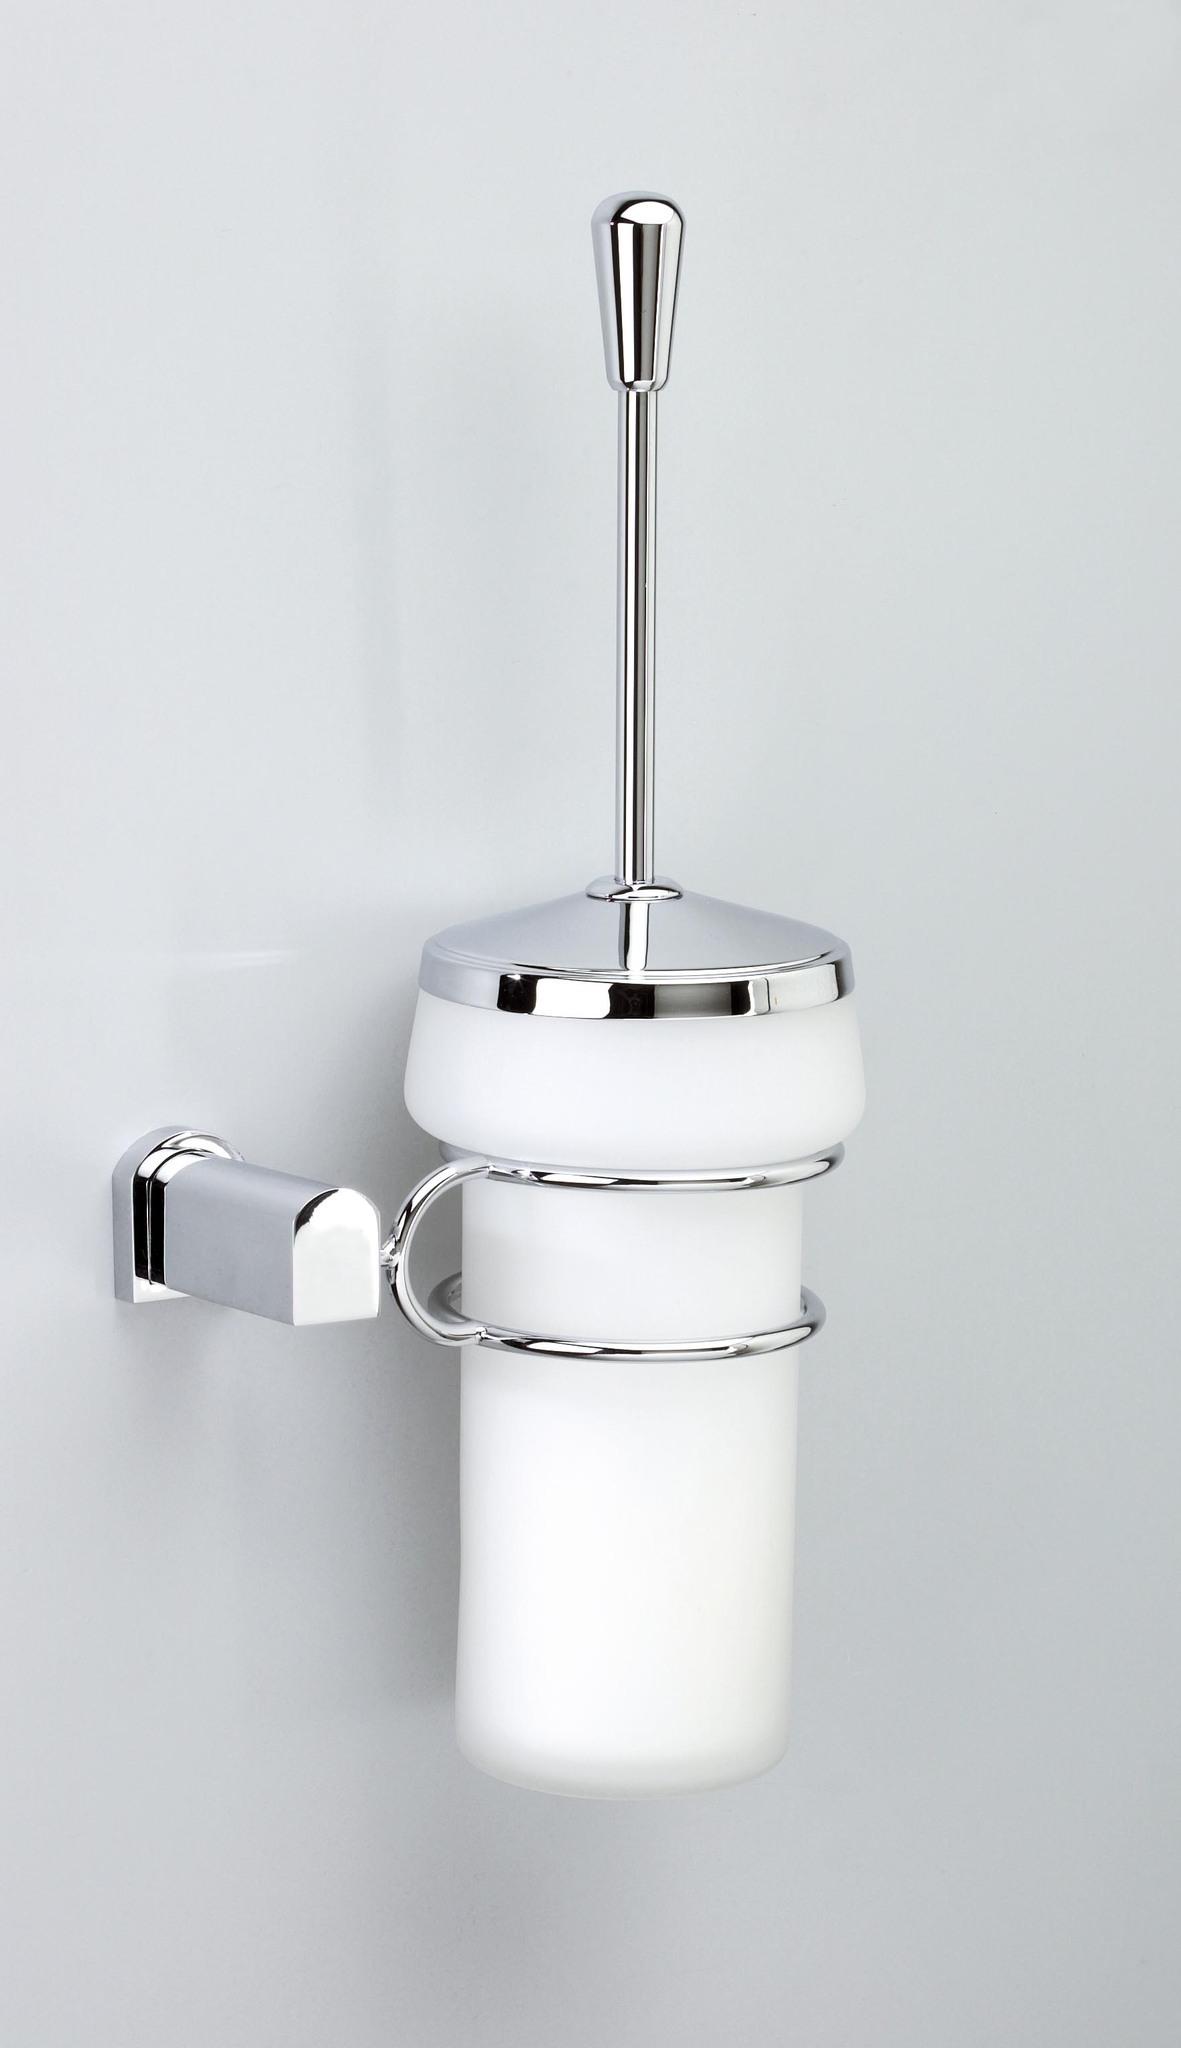 Ершики для туалета Ершик настенный Windisch 89130CR Bellaterra ershik-nastennyy-89130-bellaterra-ot-windisch-ispaniya.JPG